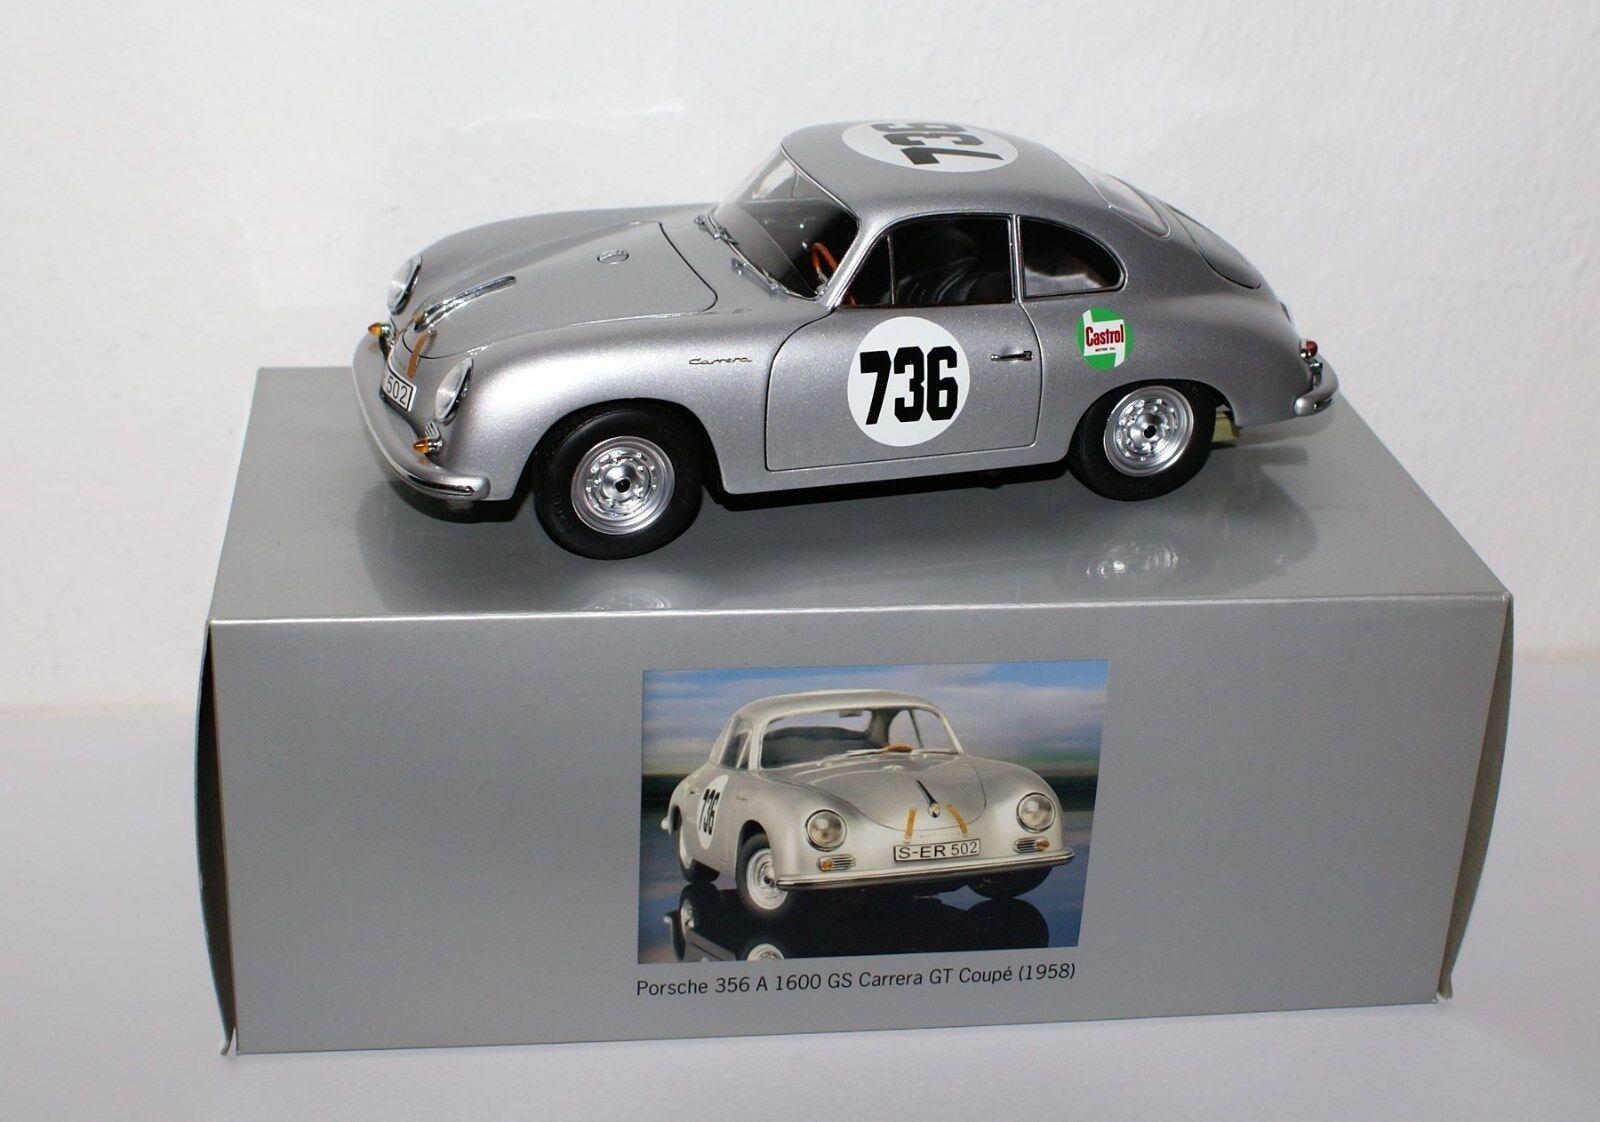 Schuco 1 18 - Porsche 356a 1600gs carrera gt coupé 1958-versión Dealer